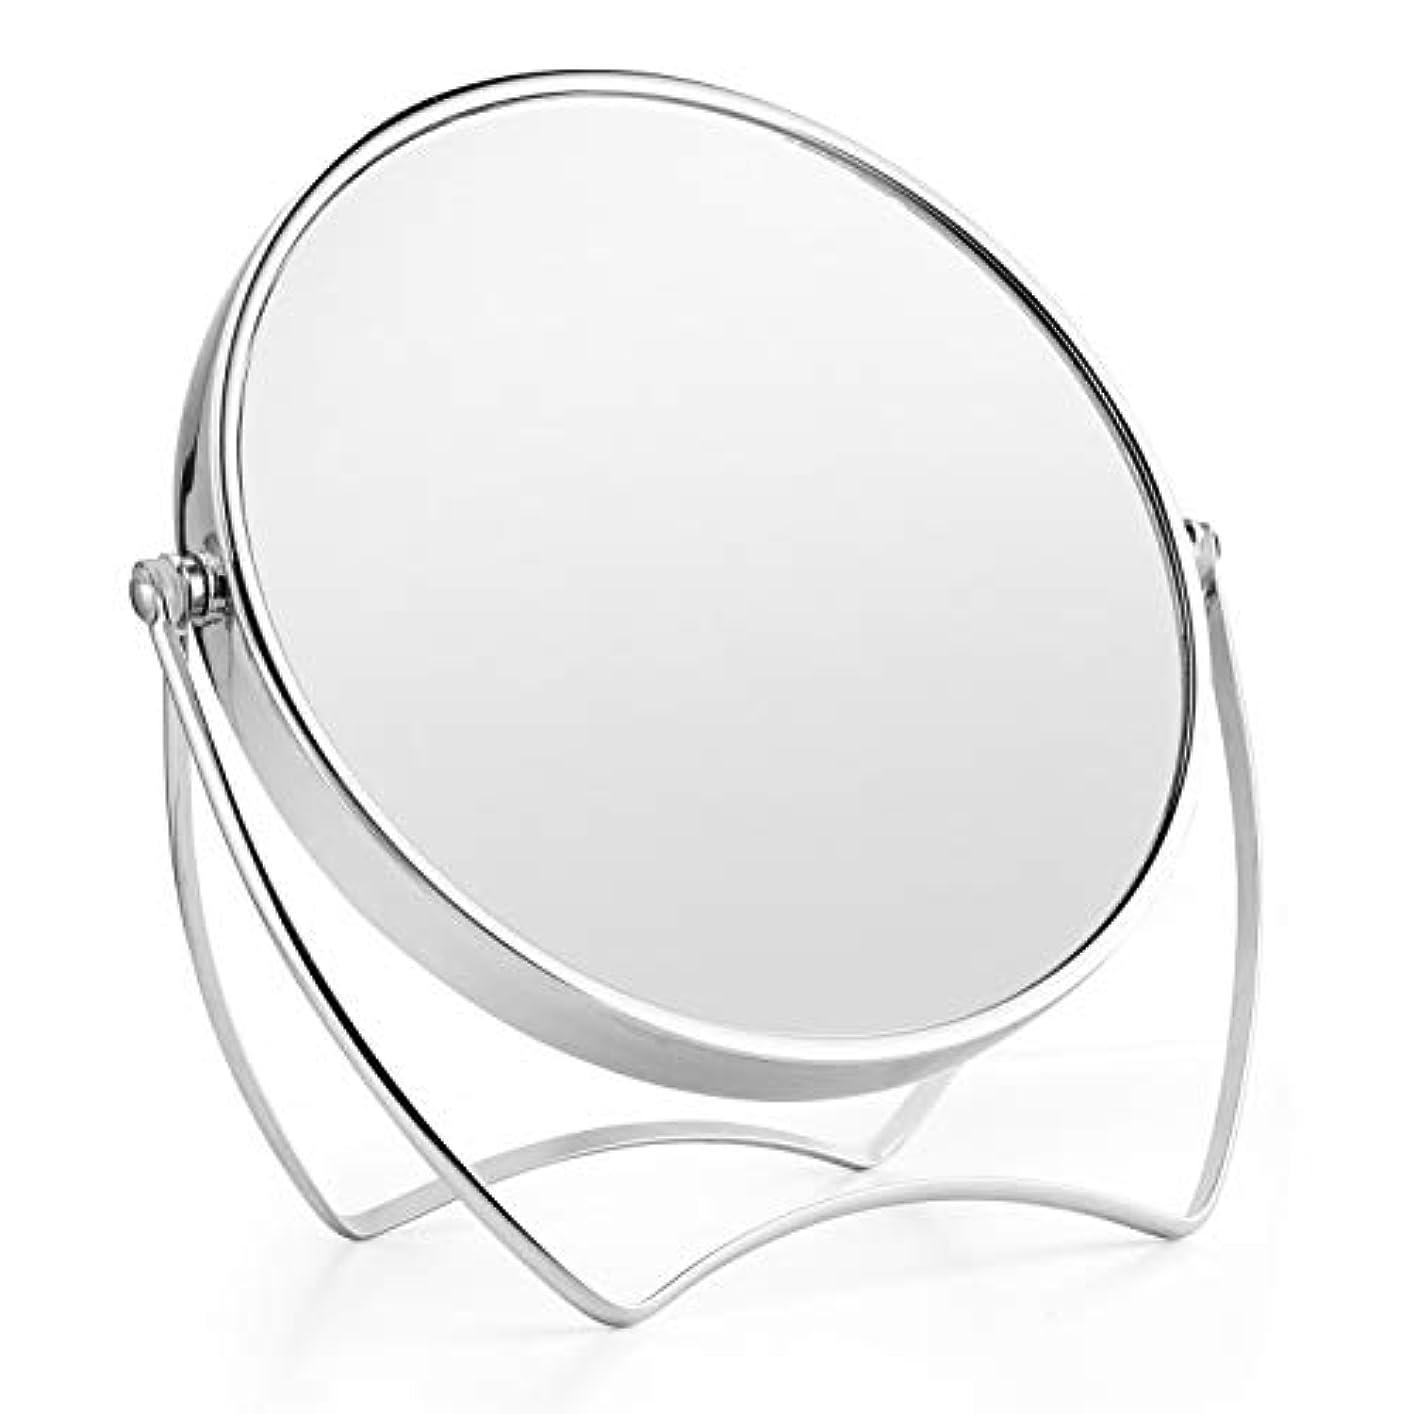 少数何故なのゆでる卓上ミラー 化粧鏡 1倍/5倍拡大鏡 メイクミラー 両面化粧鏡 ラウンドミラー 女優ミラー スタンドミラー 卓上鏡 360°回転ブラケット メタルフレームバニティミラー 寝室や浴室に適しています(15cm)